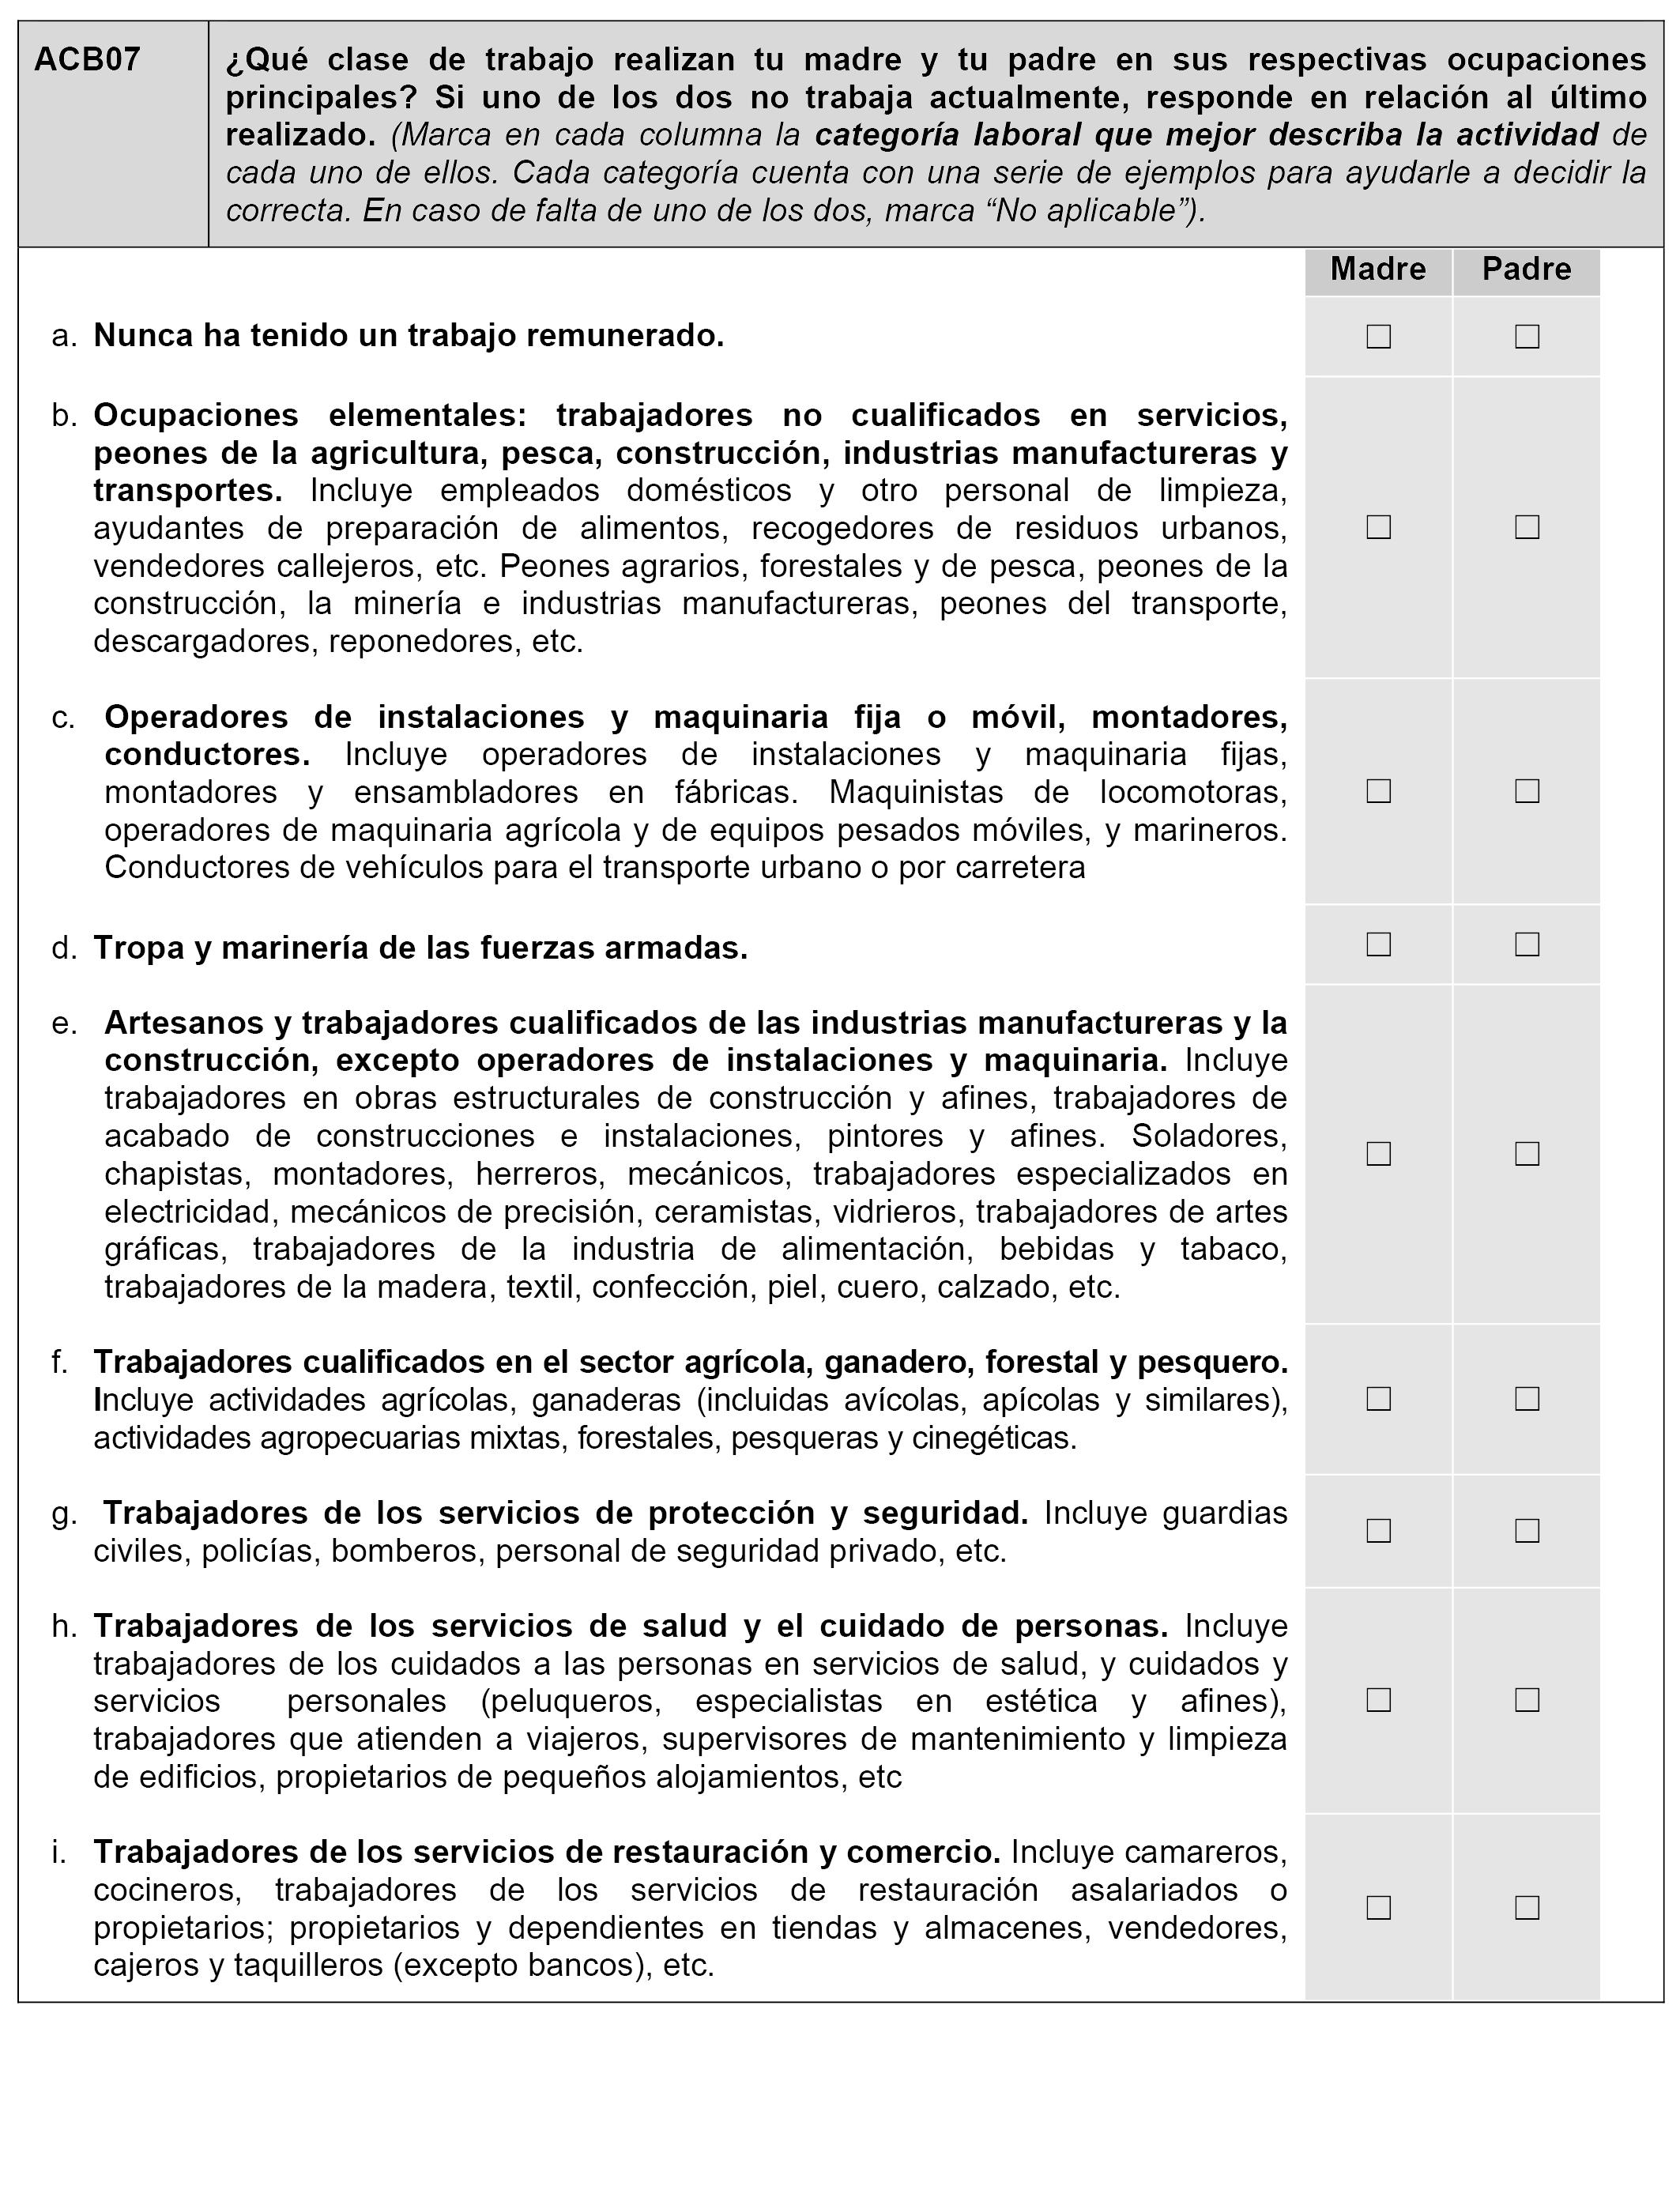 BOE.es - Documento consolidado BOE-A-2018-984